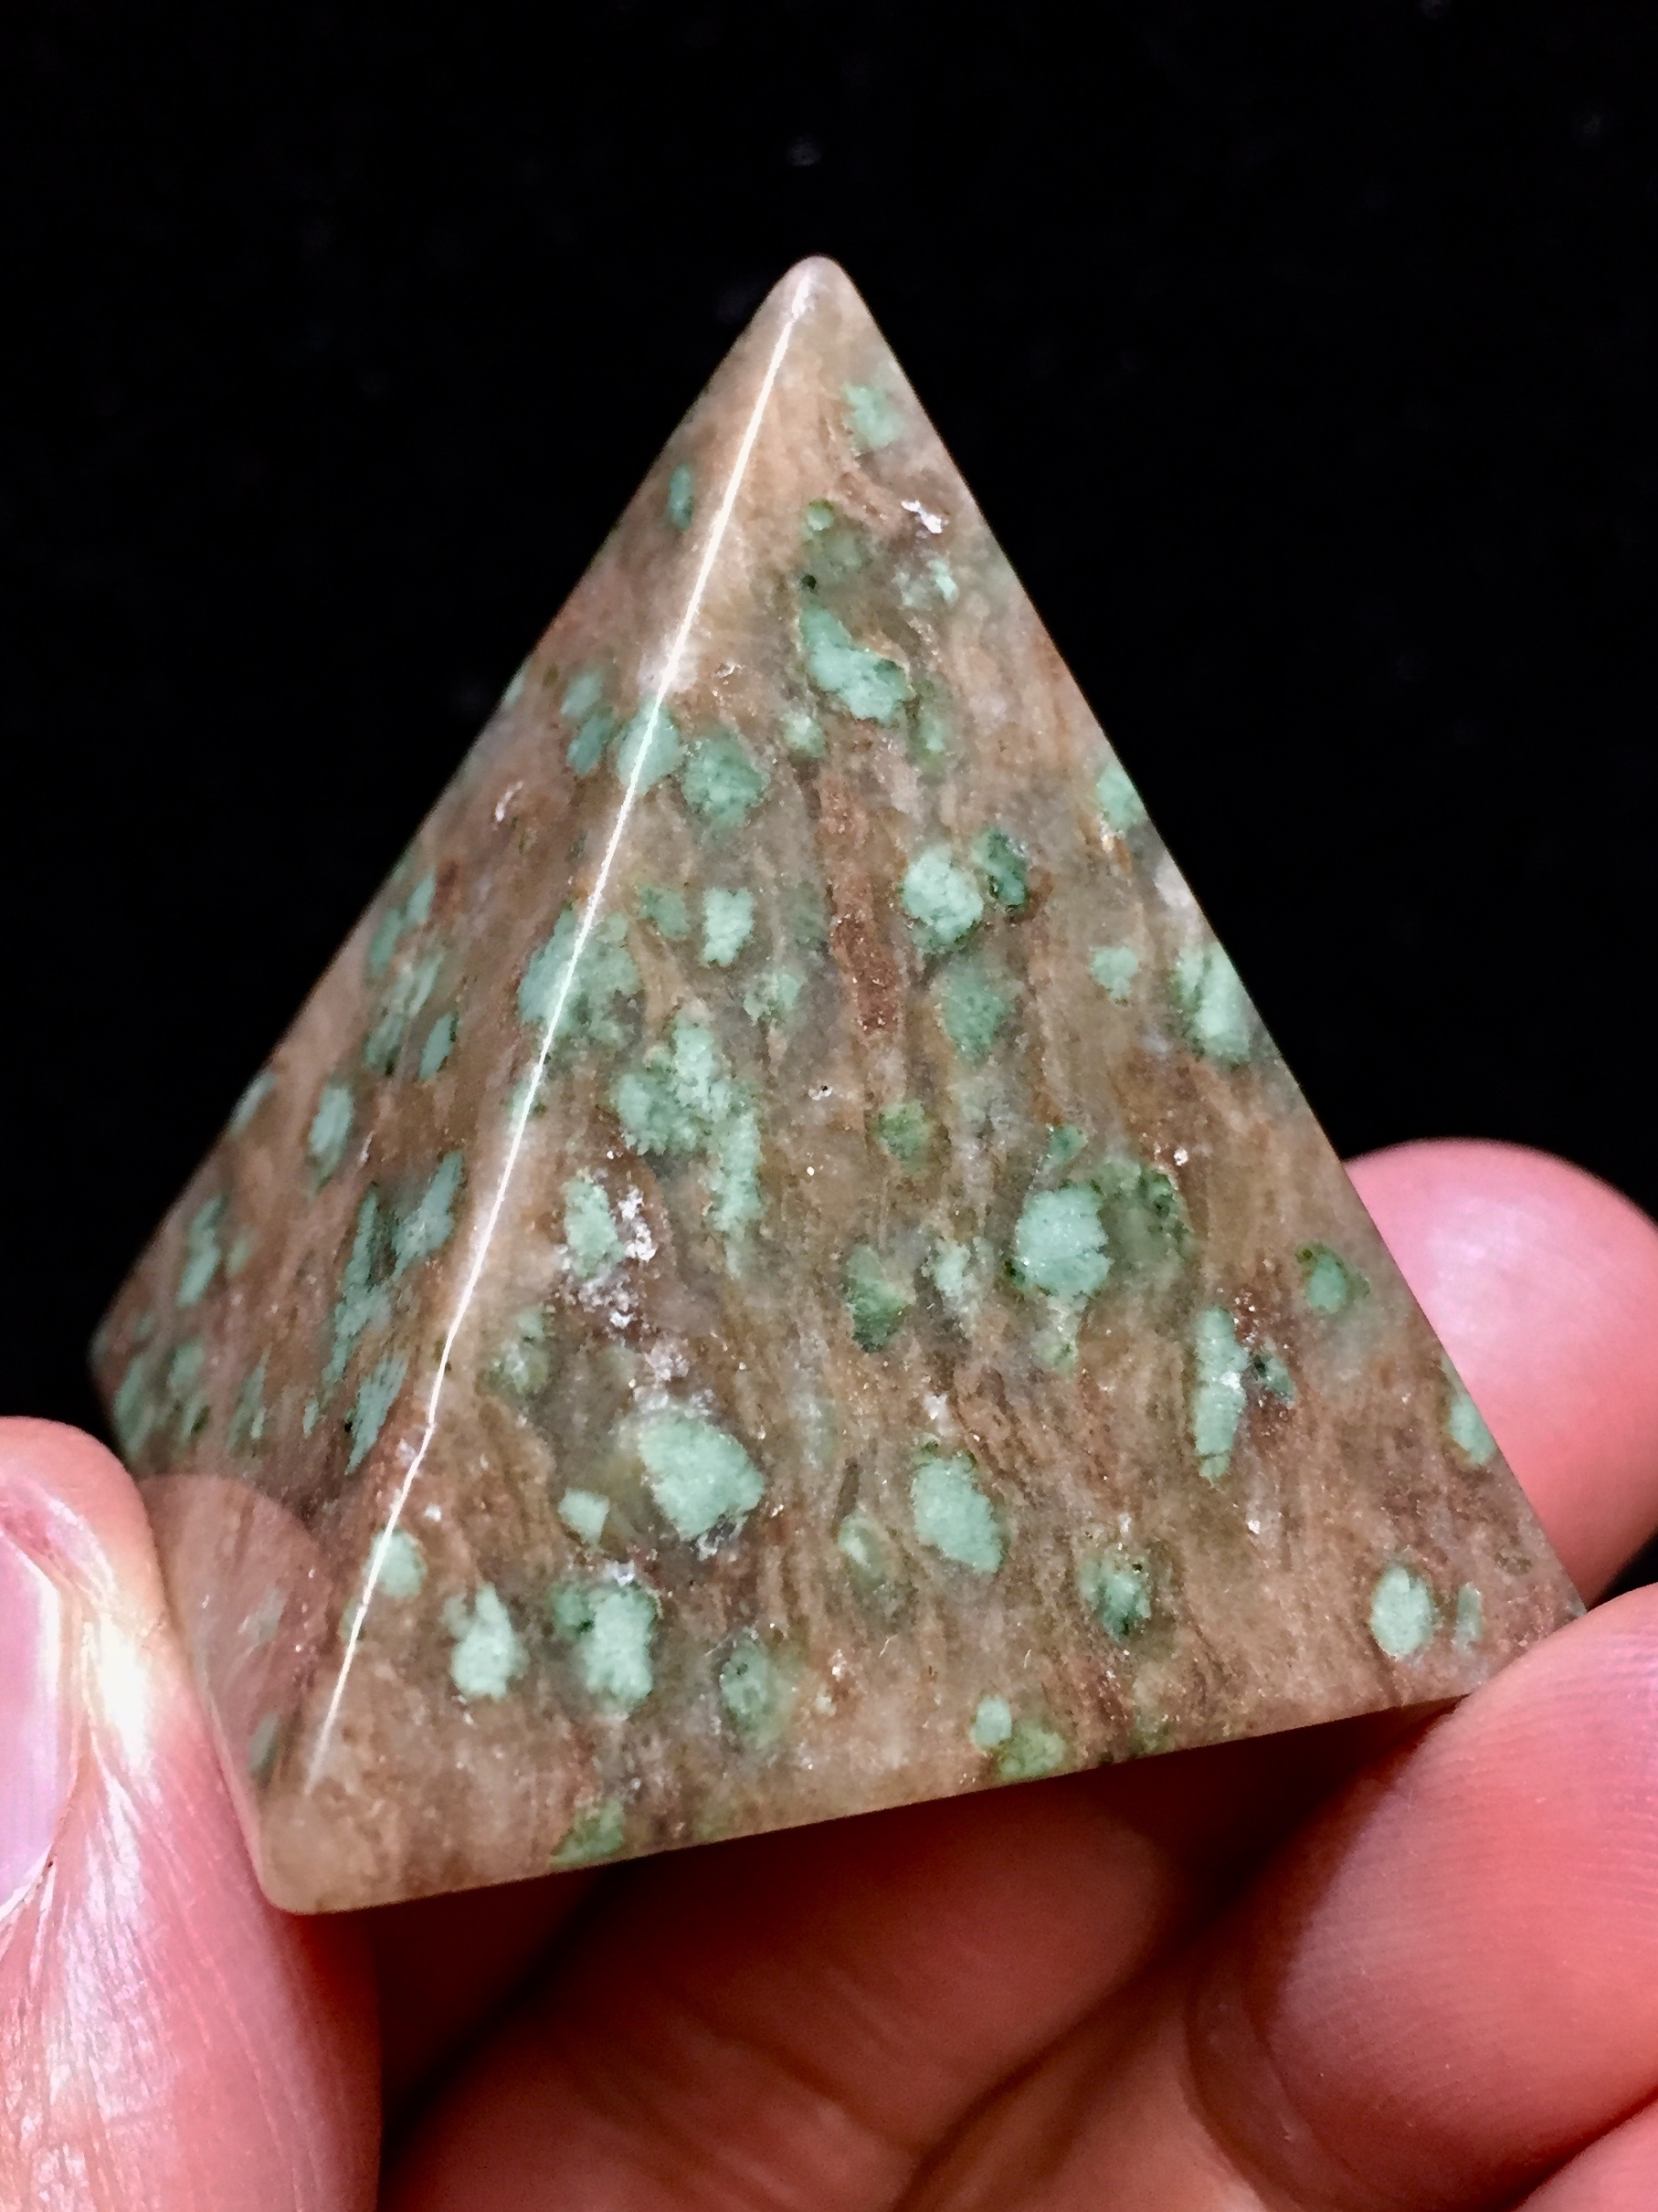 2) ナンドライト・ピラミッド